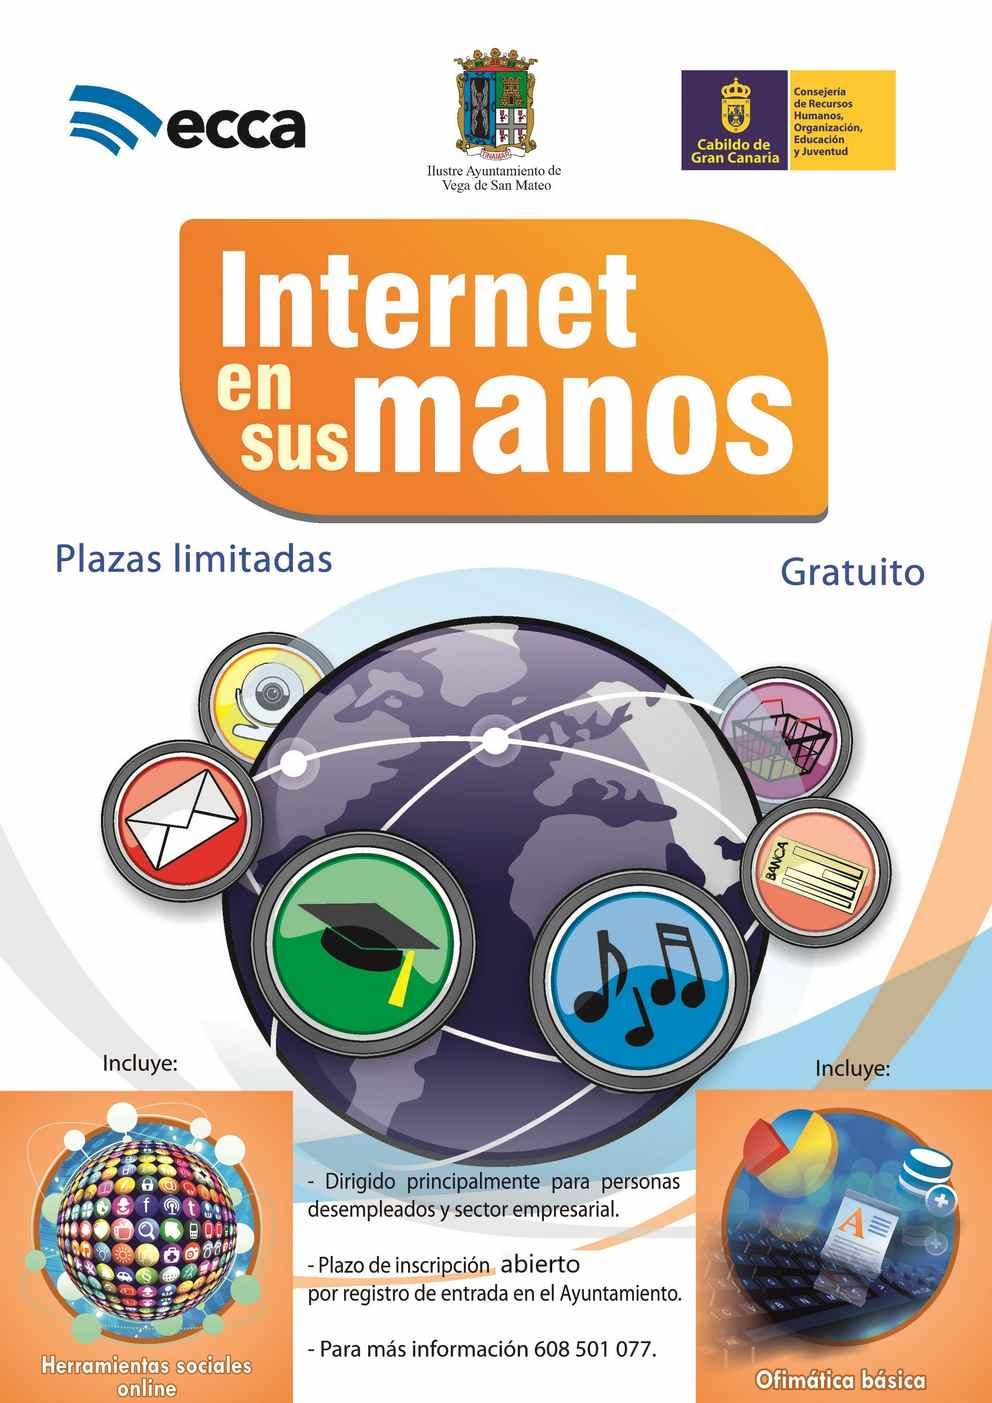 Internet en sus manos